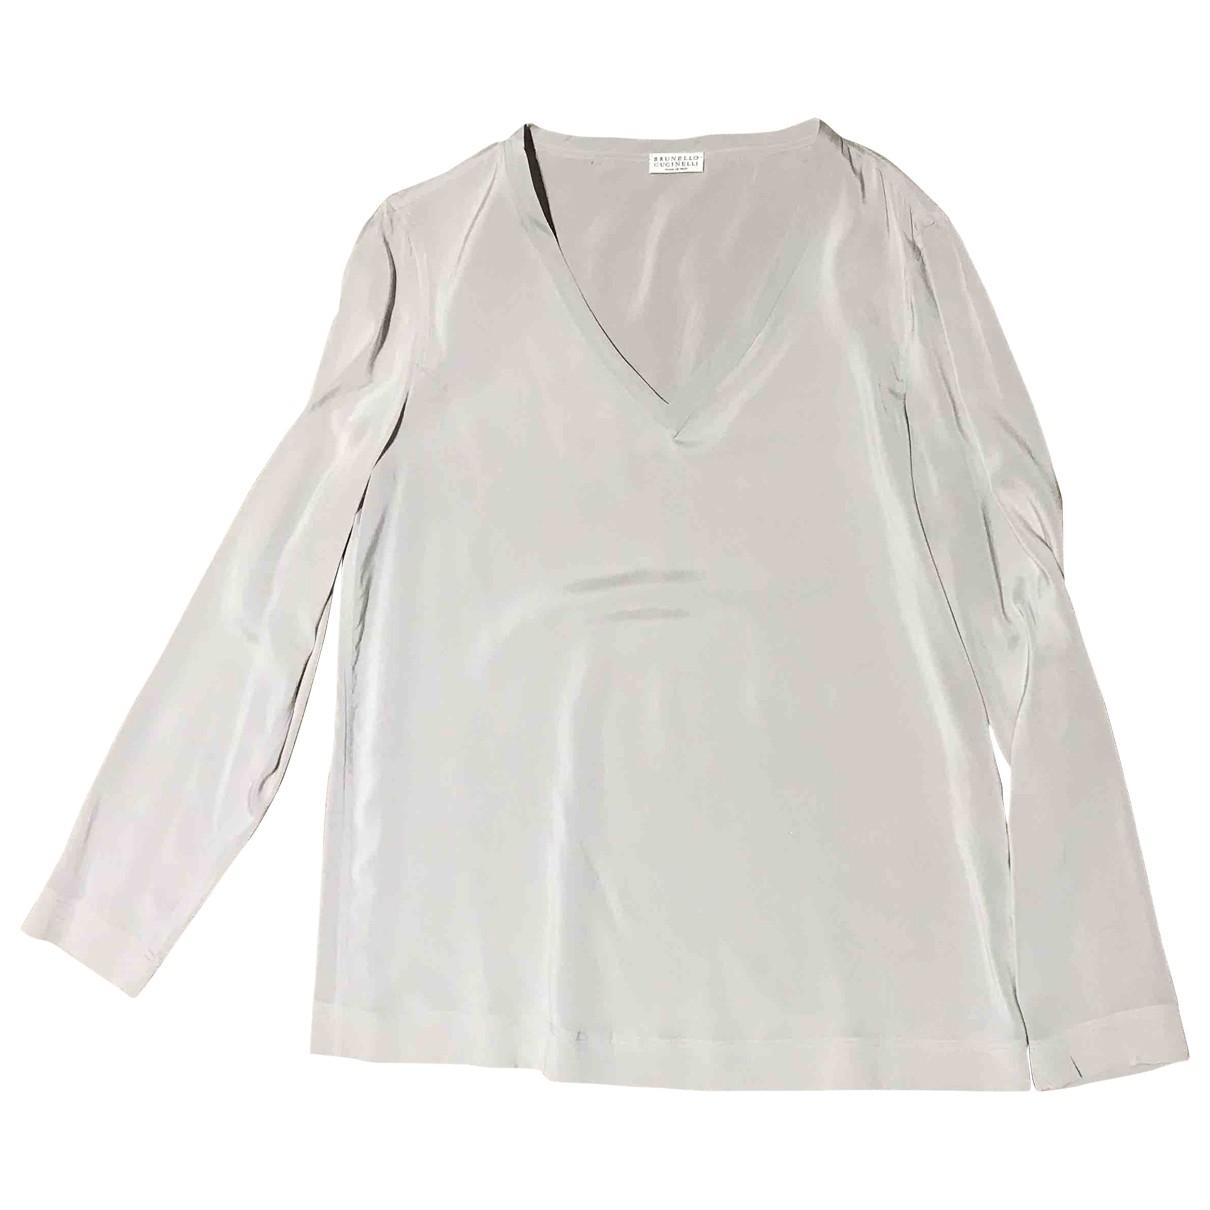 Brunello Cucinelli \N Beige Silk  top for Women M International